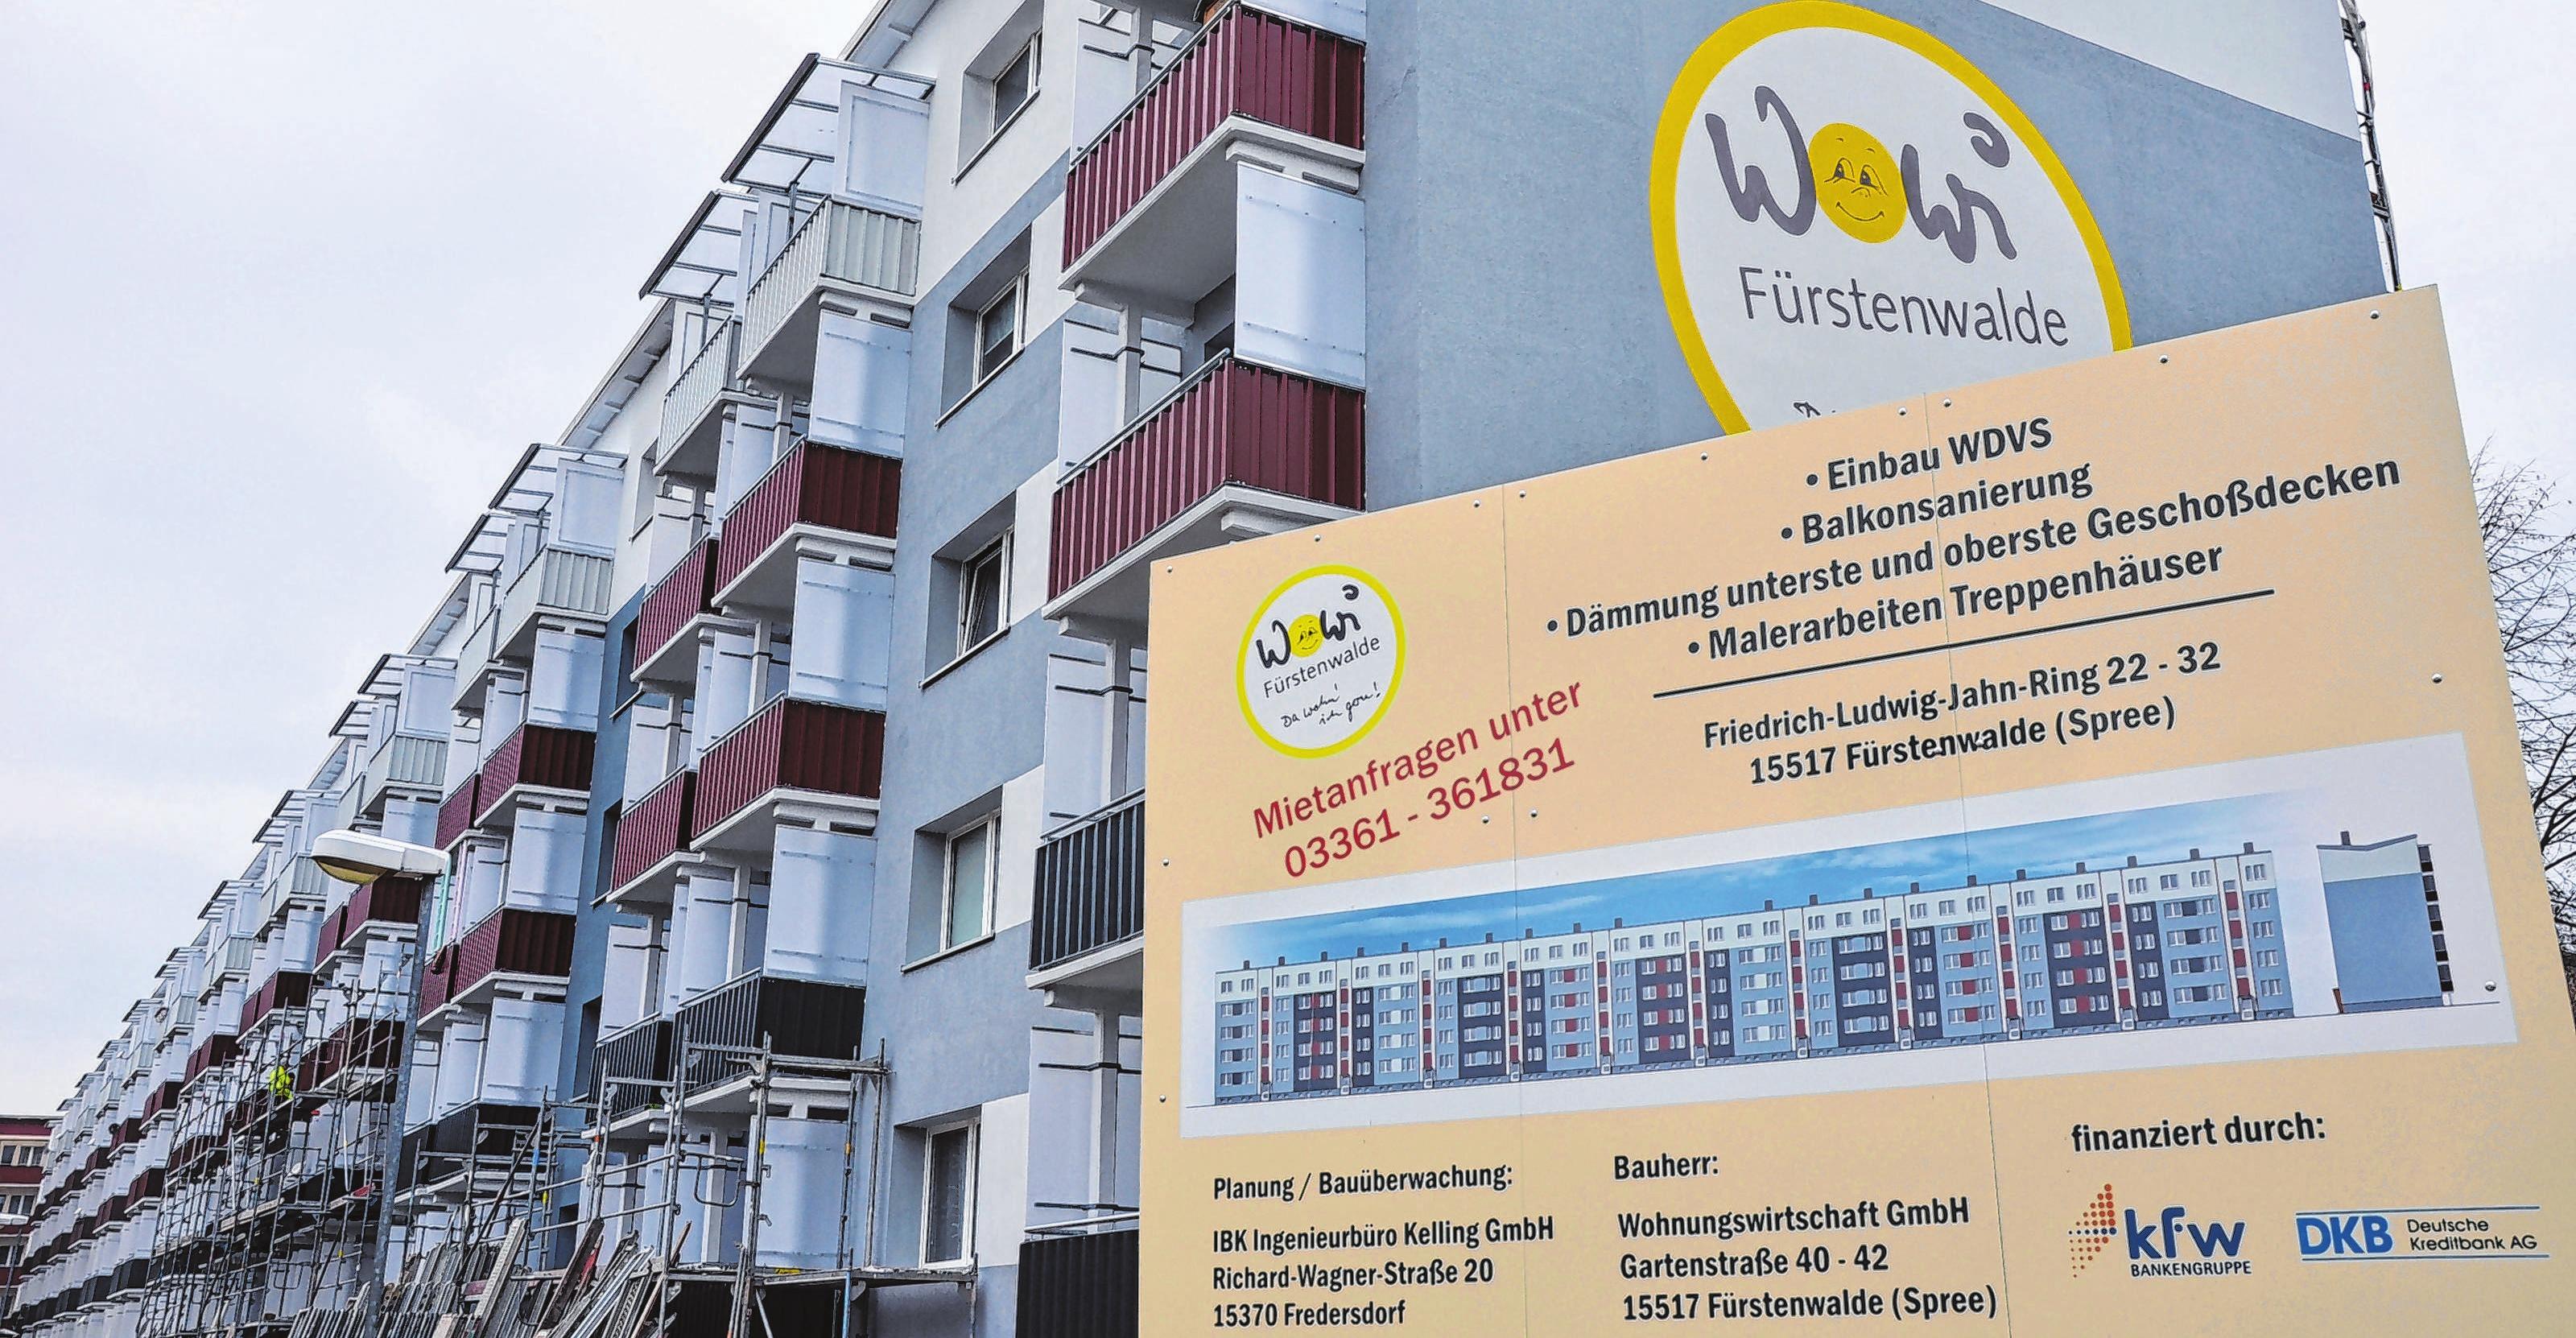 Für die Teilsanierung des Wohnblocks im Friedrich-Ludwig-Jahn-Ring 22-32 werden rund 2,4 Millionen Euro aufgewendet. Fotos (2): Vanessa Engel